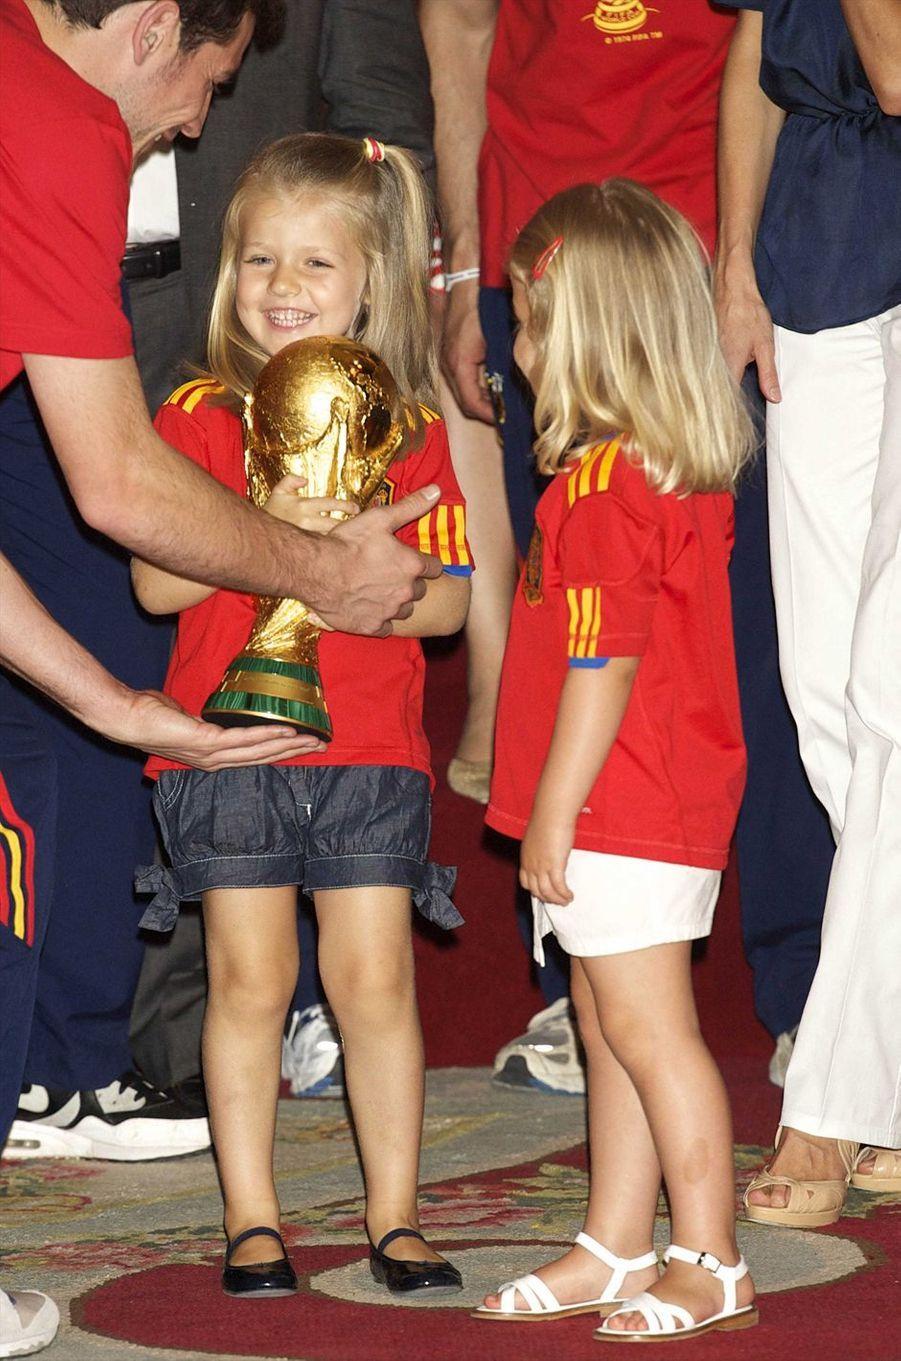 Première réception officielle pour la princesse Leonor d'Espagne et sa soeur l'infante Sofia avec l'équipe d'Espagne de Football, championne du monde, le 12 juillet 2010